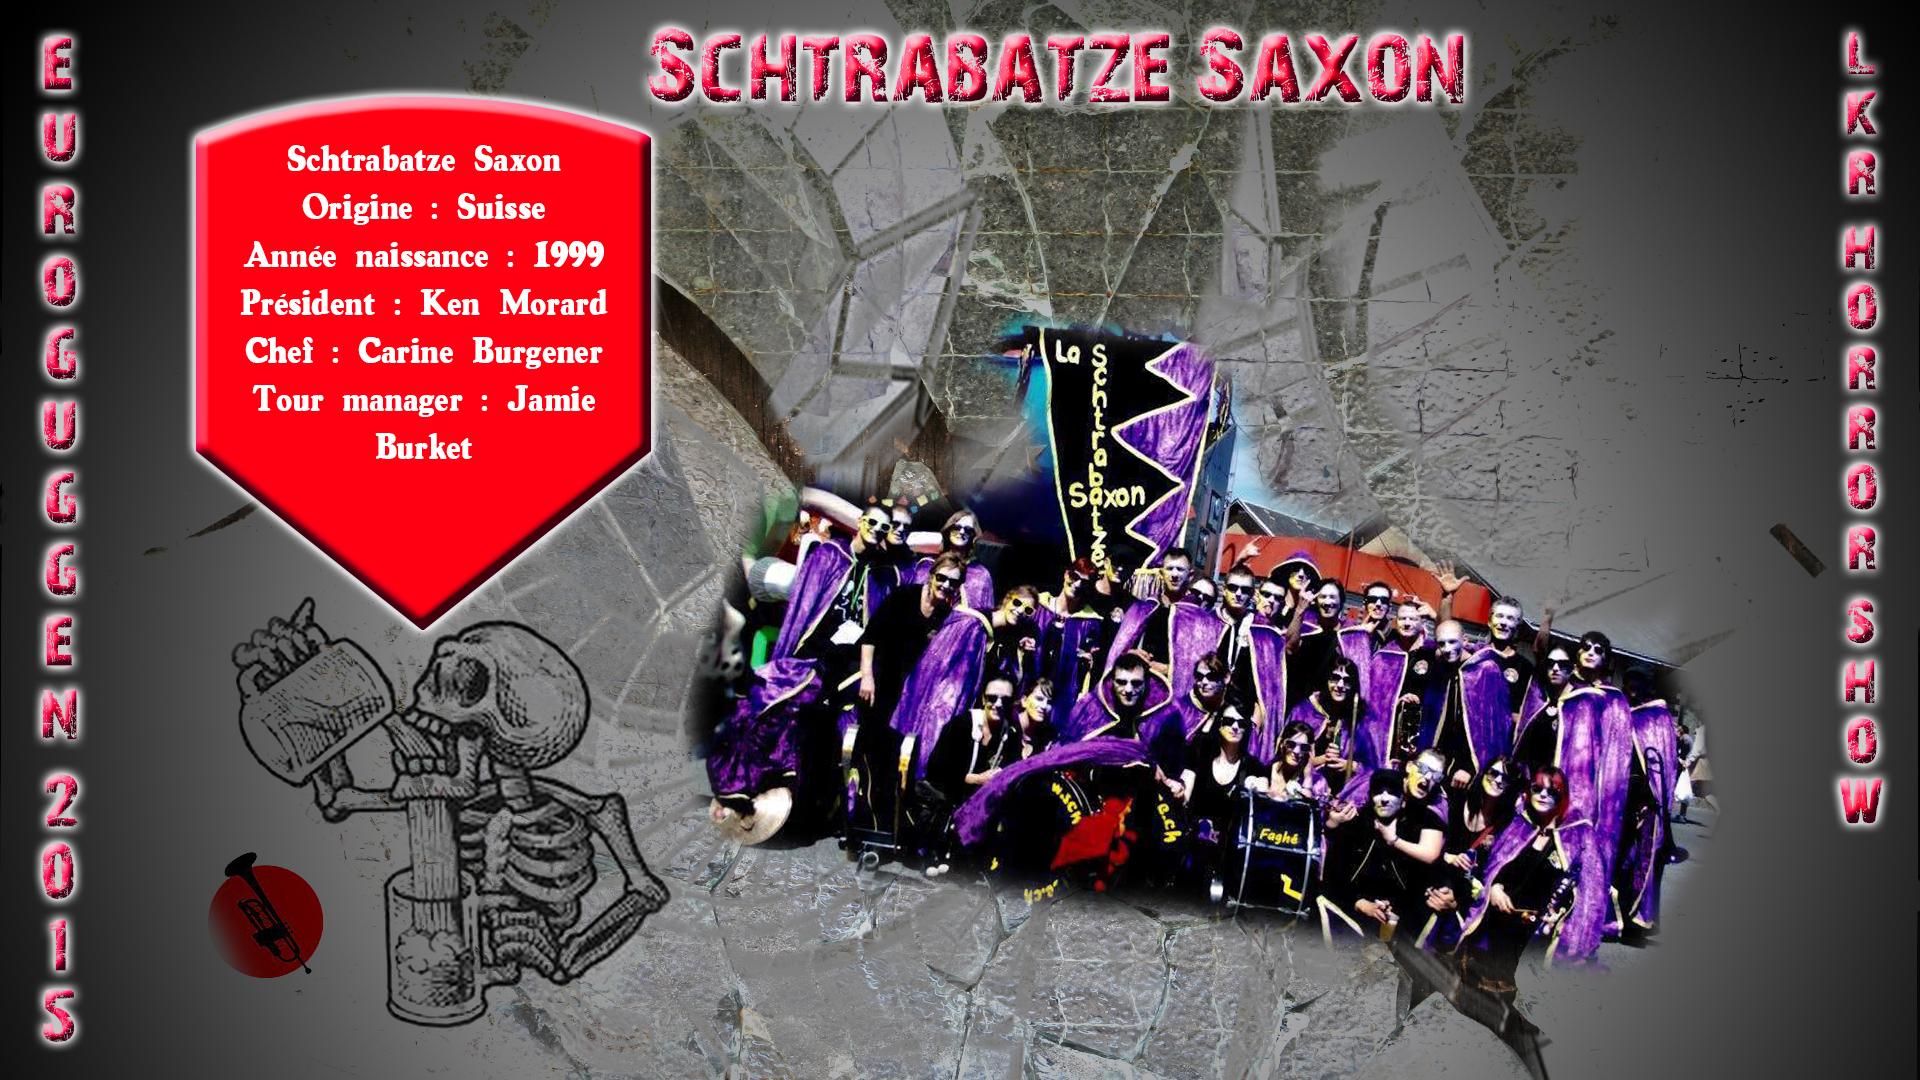 La Schtrabatze Saxon